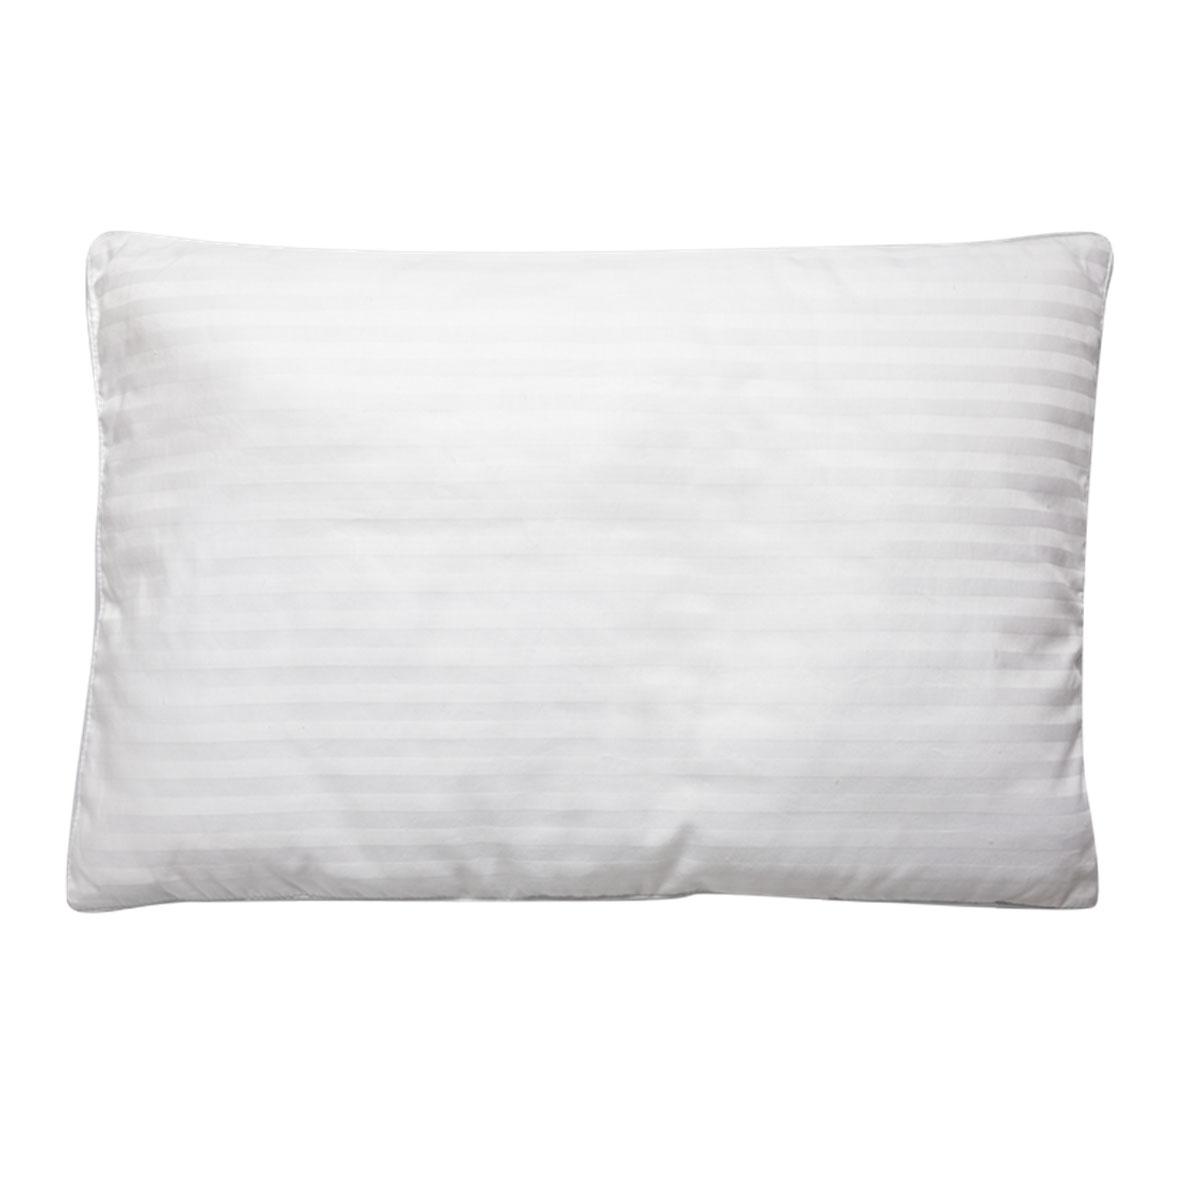 Подушка детская Fani, 40 х 60 см. 113415706-10113415706-10Детская подушка Fani изготовлена из белого итальянского сатина с жаккардовым рисунком с наполнителем из волокна бамбука (пласт под чехлом) и полиэфира. По краям подушка украшена атласной окантовкой. Бамбук является природным антисептиком, обладающим уникальными антибактериальными и дезодорирующими свойствами. Также бамбуковое волокно является абсолютно гипоаллергенным наполнителем, что делает его идеальным для постели ребенка. Характеристики: Материал чехла: сатин, жаккард (100% хлопок). Наполнитель: 70% волокно бамбука, 30% полиэфир. Размер: 40 см х 60 см. Высота подушки: 4 см.